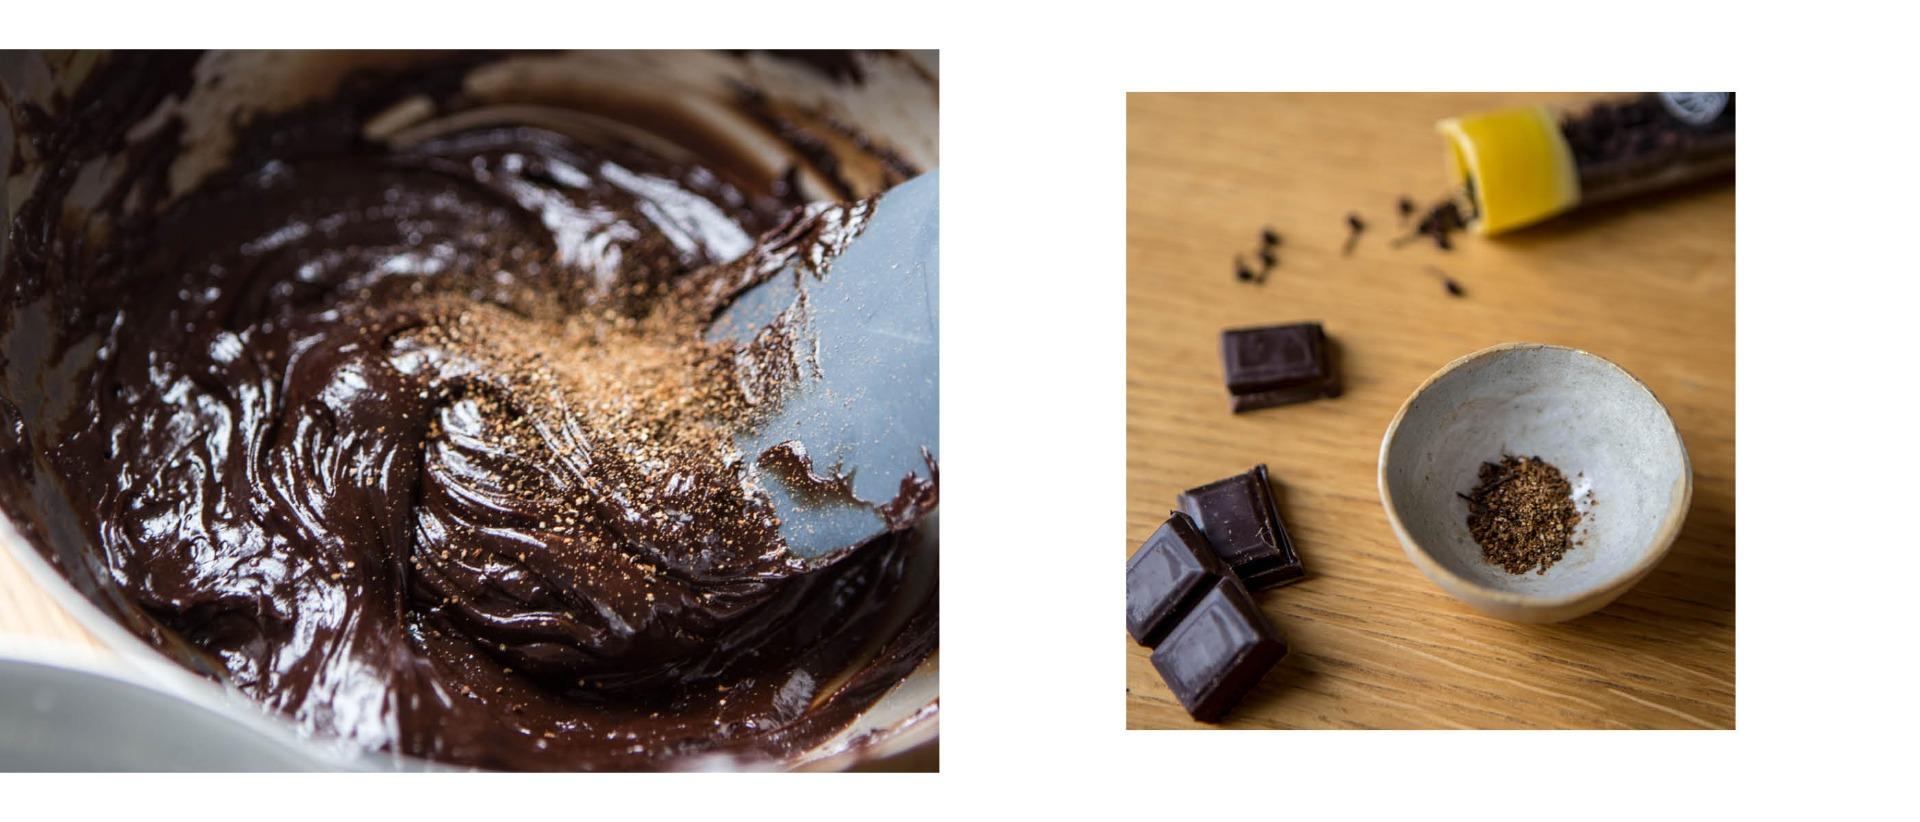 Mousse au chocolat au poivre